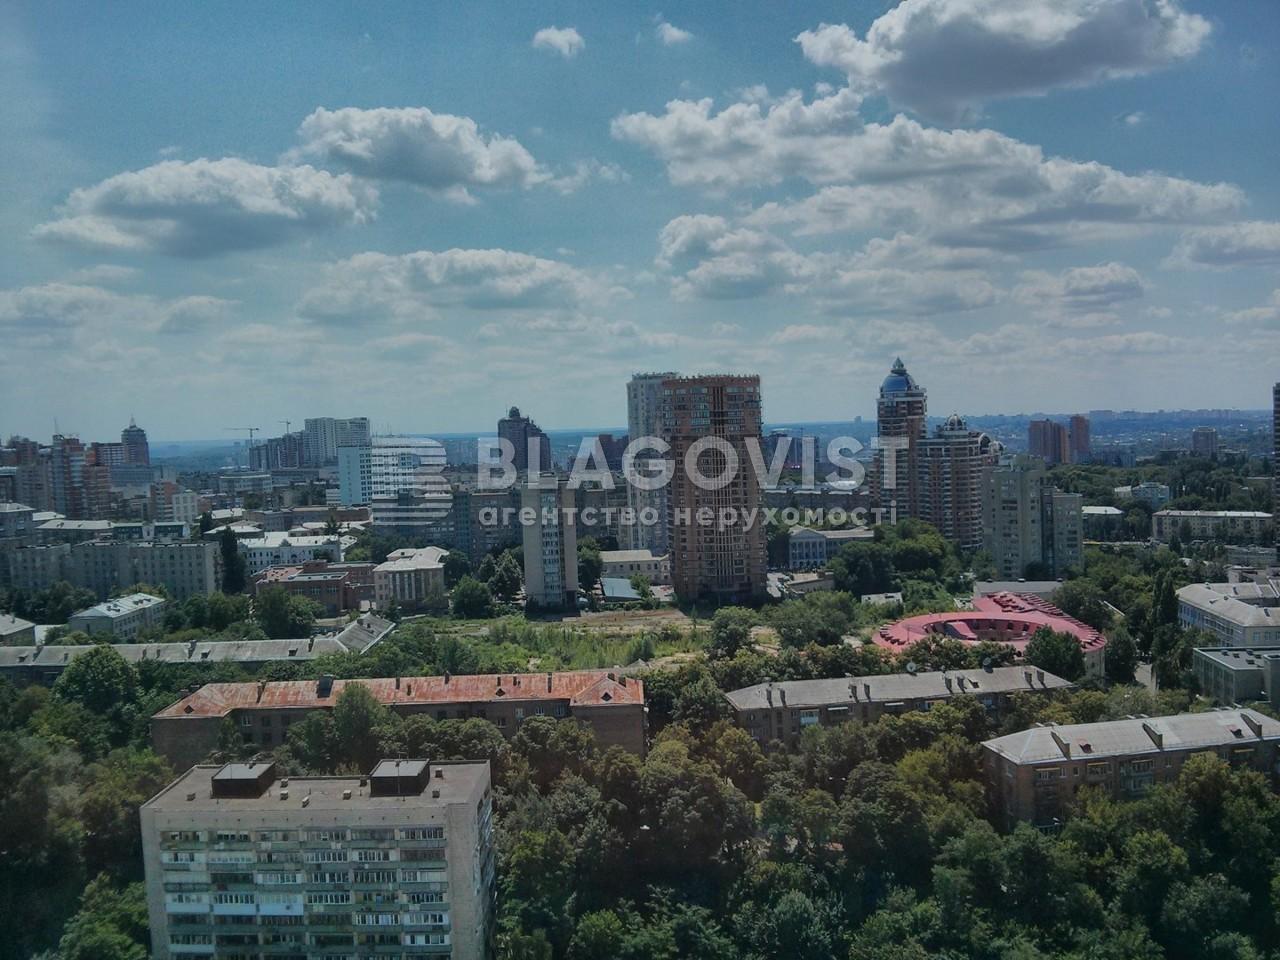 Нежилое помещение, H-47769, Кловский спуск, Киев - Фото 27